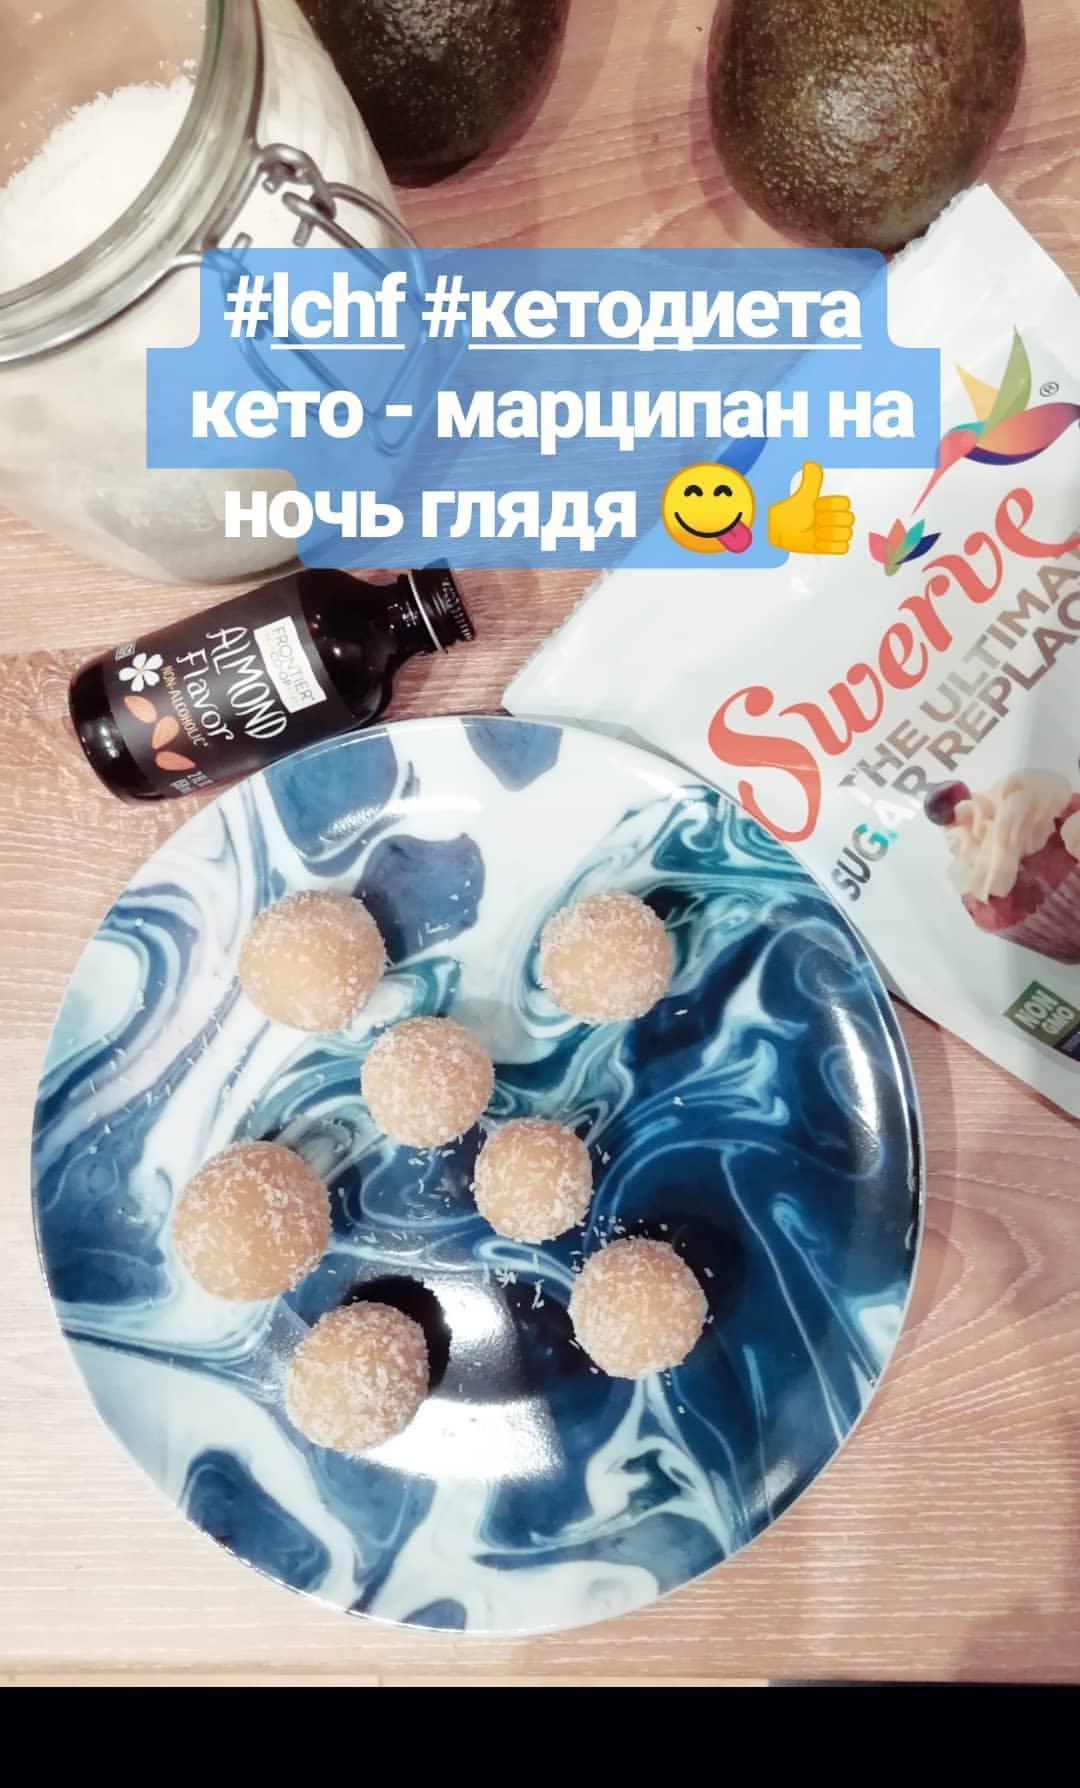 кето-марципан, рецепт марципанов